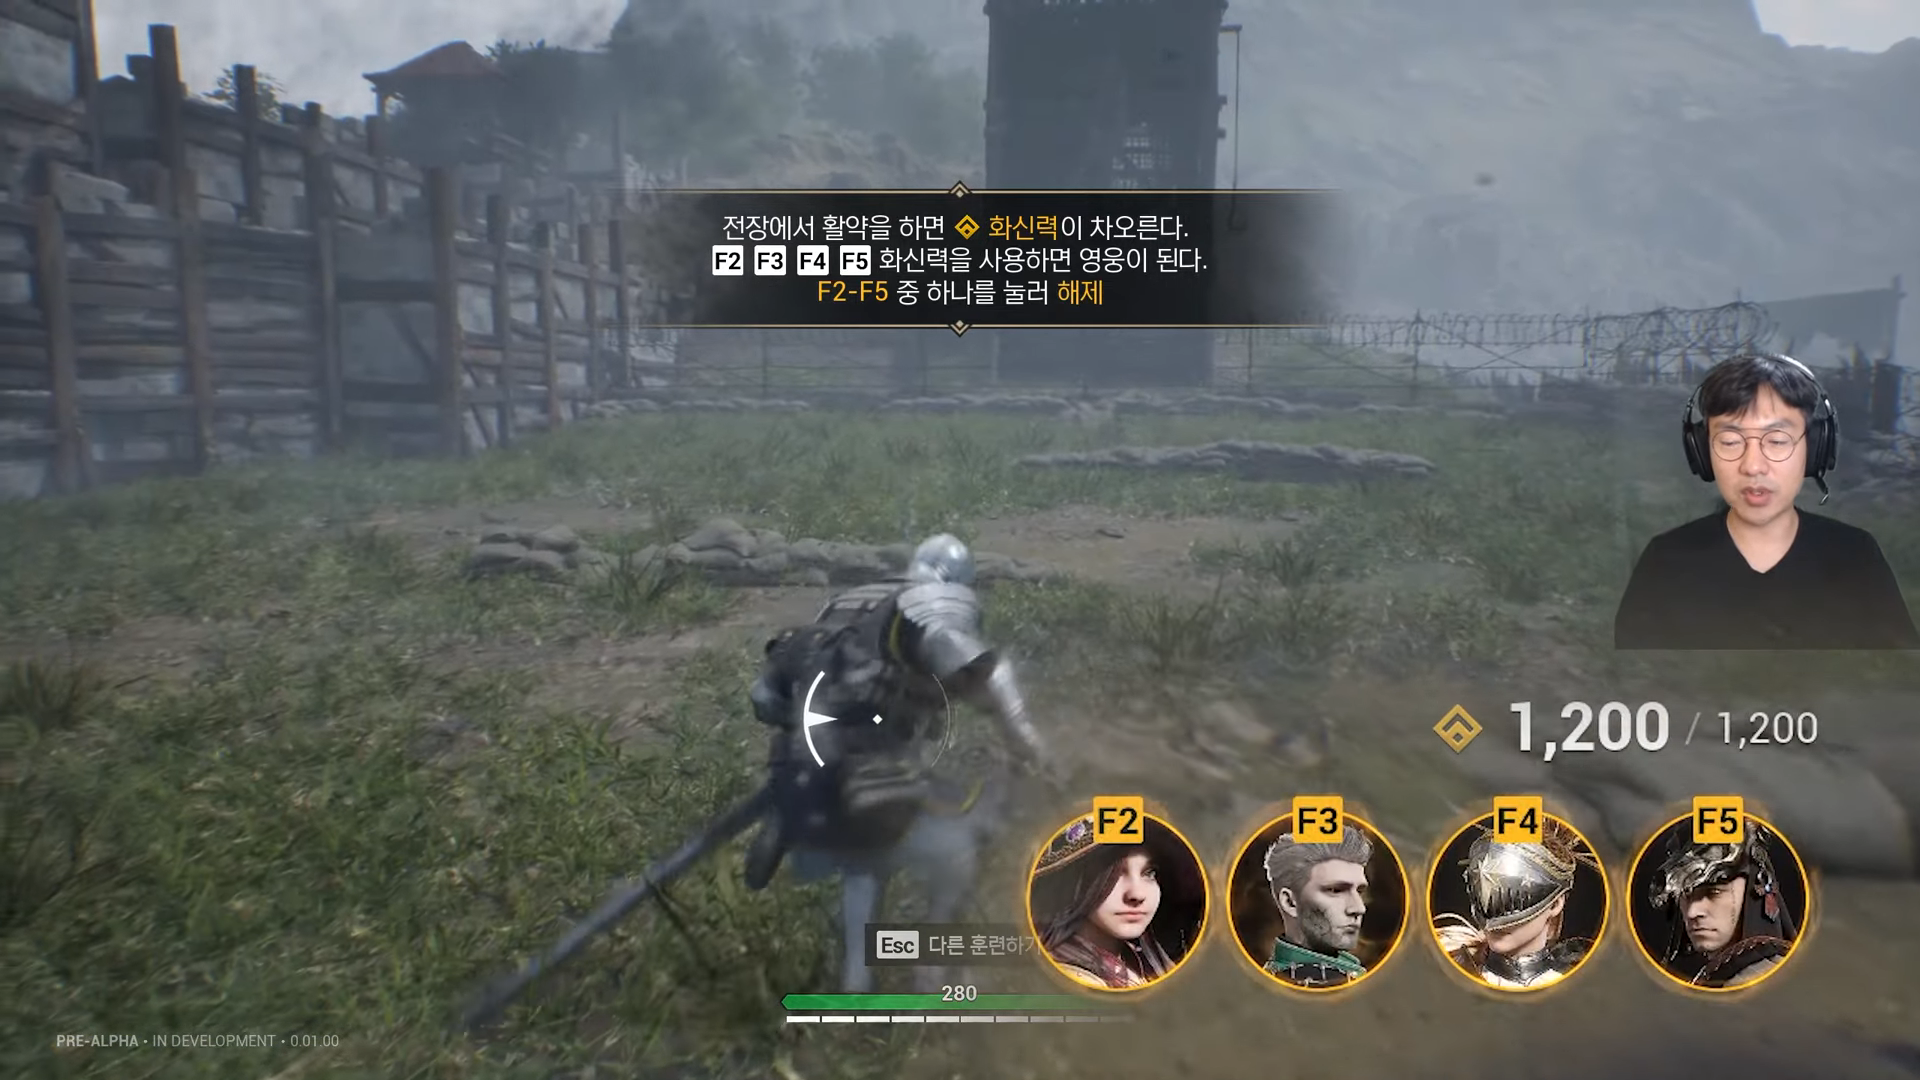 [프로젝트 HP (가제)] 디렉터 플레이 영상 1부 (HP 및 캐릭터 소개) 28-19 screenshot.png